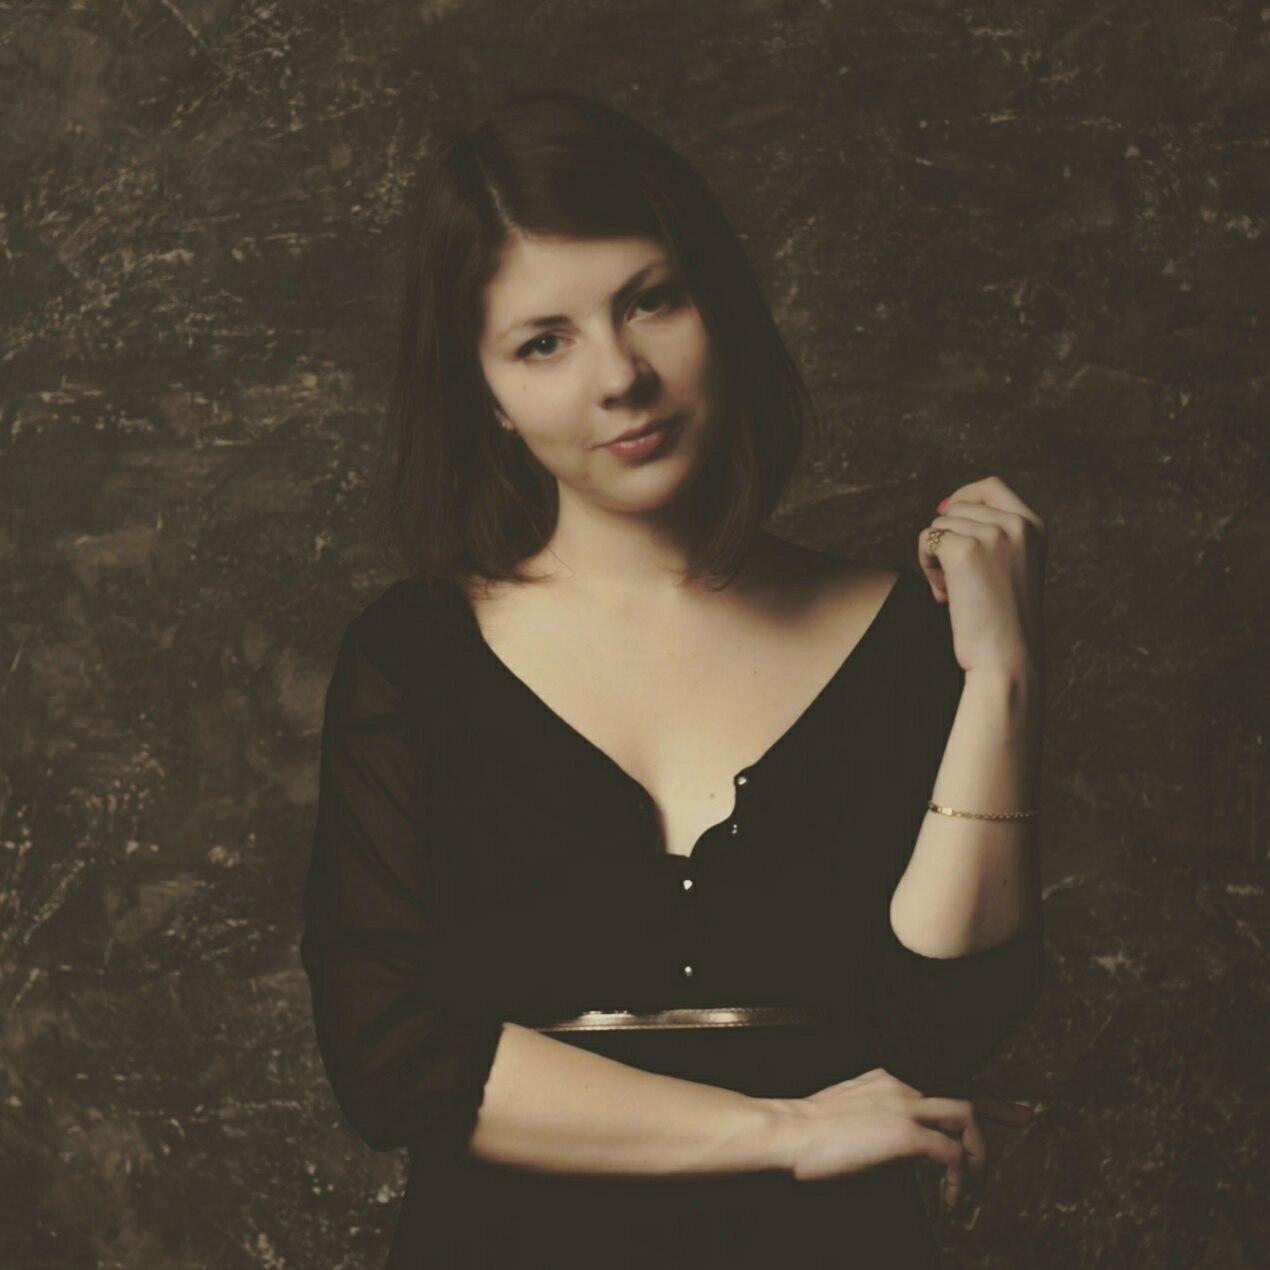 Секретные концерты Sofar Sounds Moscow: как стать участником?